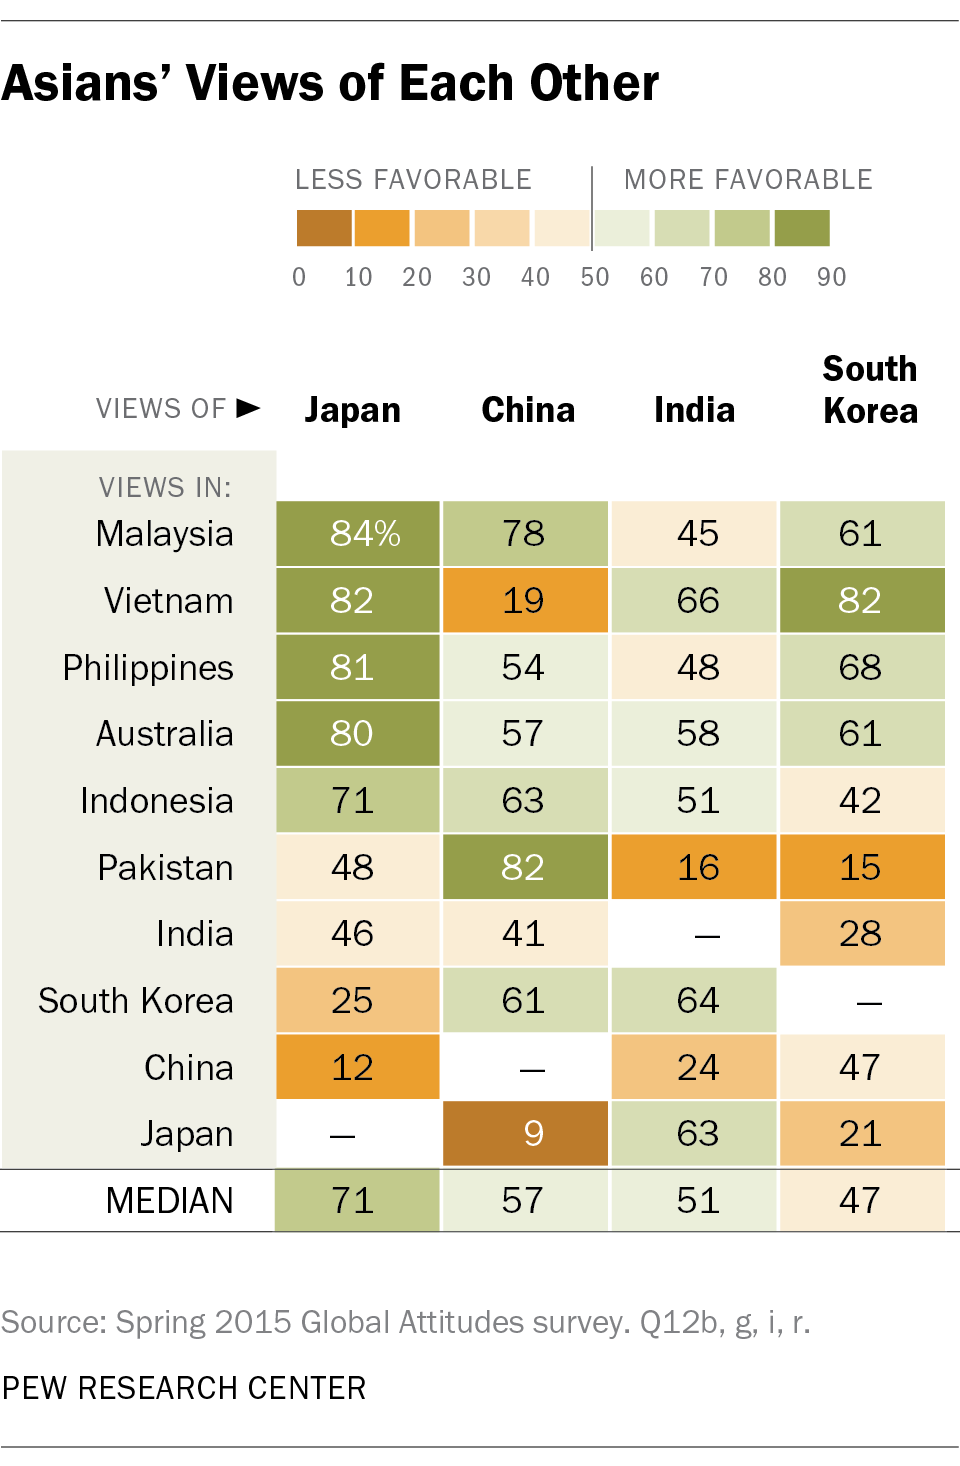 【ショック!】韓国、「日本・中国・インド・韓国」の中で最も嫌われていた!しかも、日本に片思い!